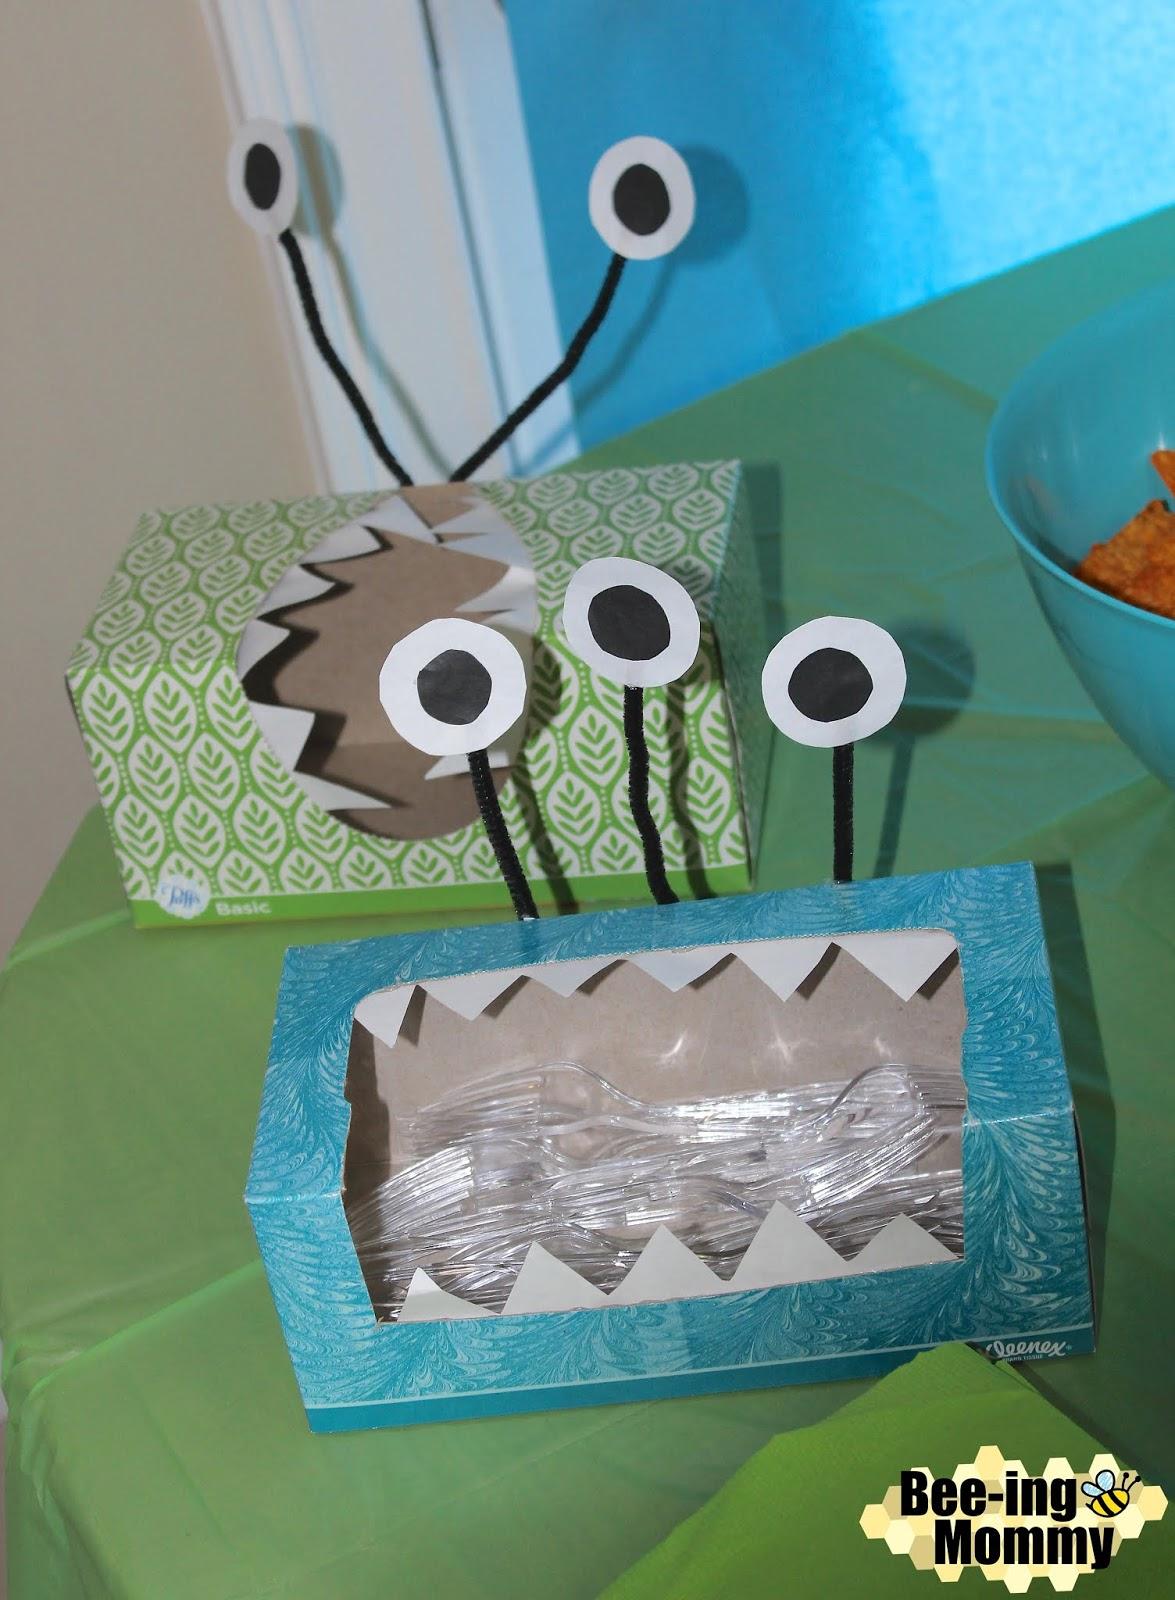 Monster Tissue Boxes Decor Party Decoration Utensil Holder Easy